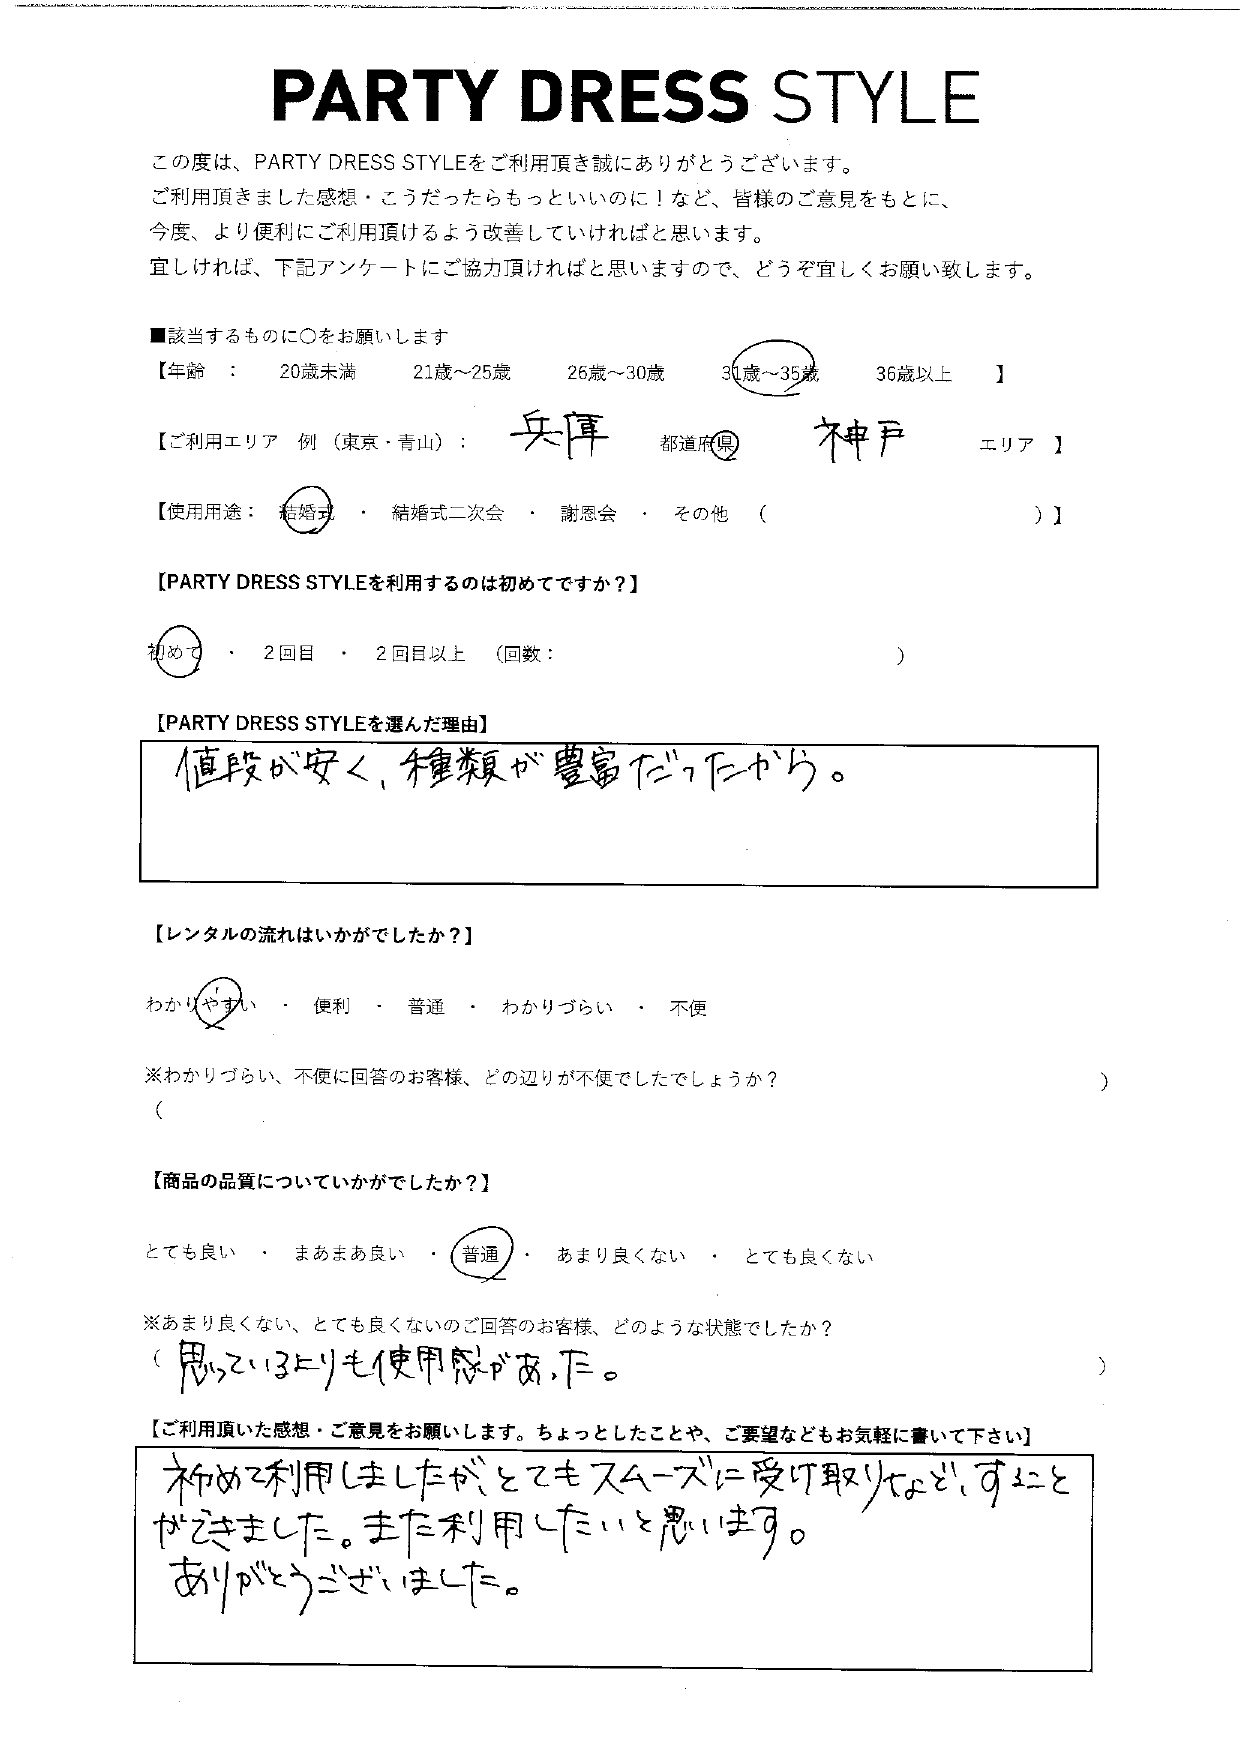 6/19結婚式ご利用 兵庫・神戸エリア